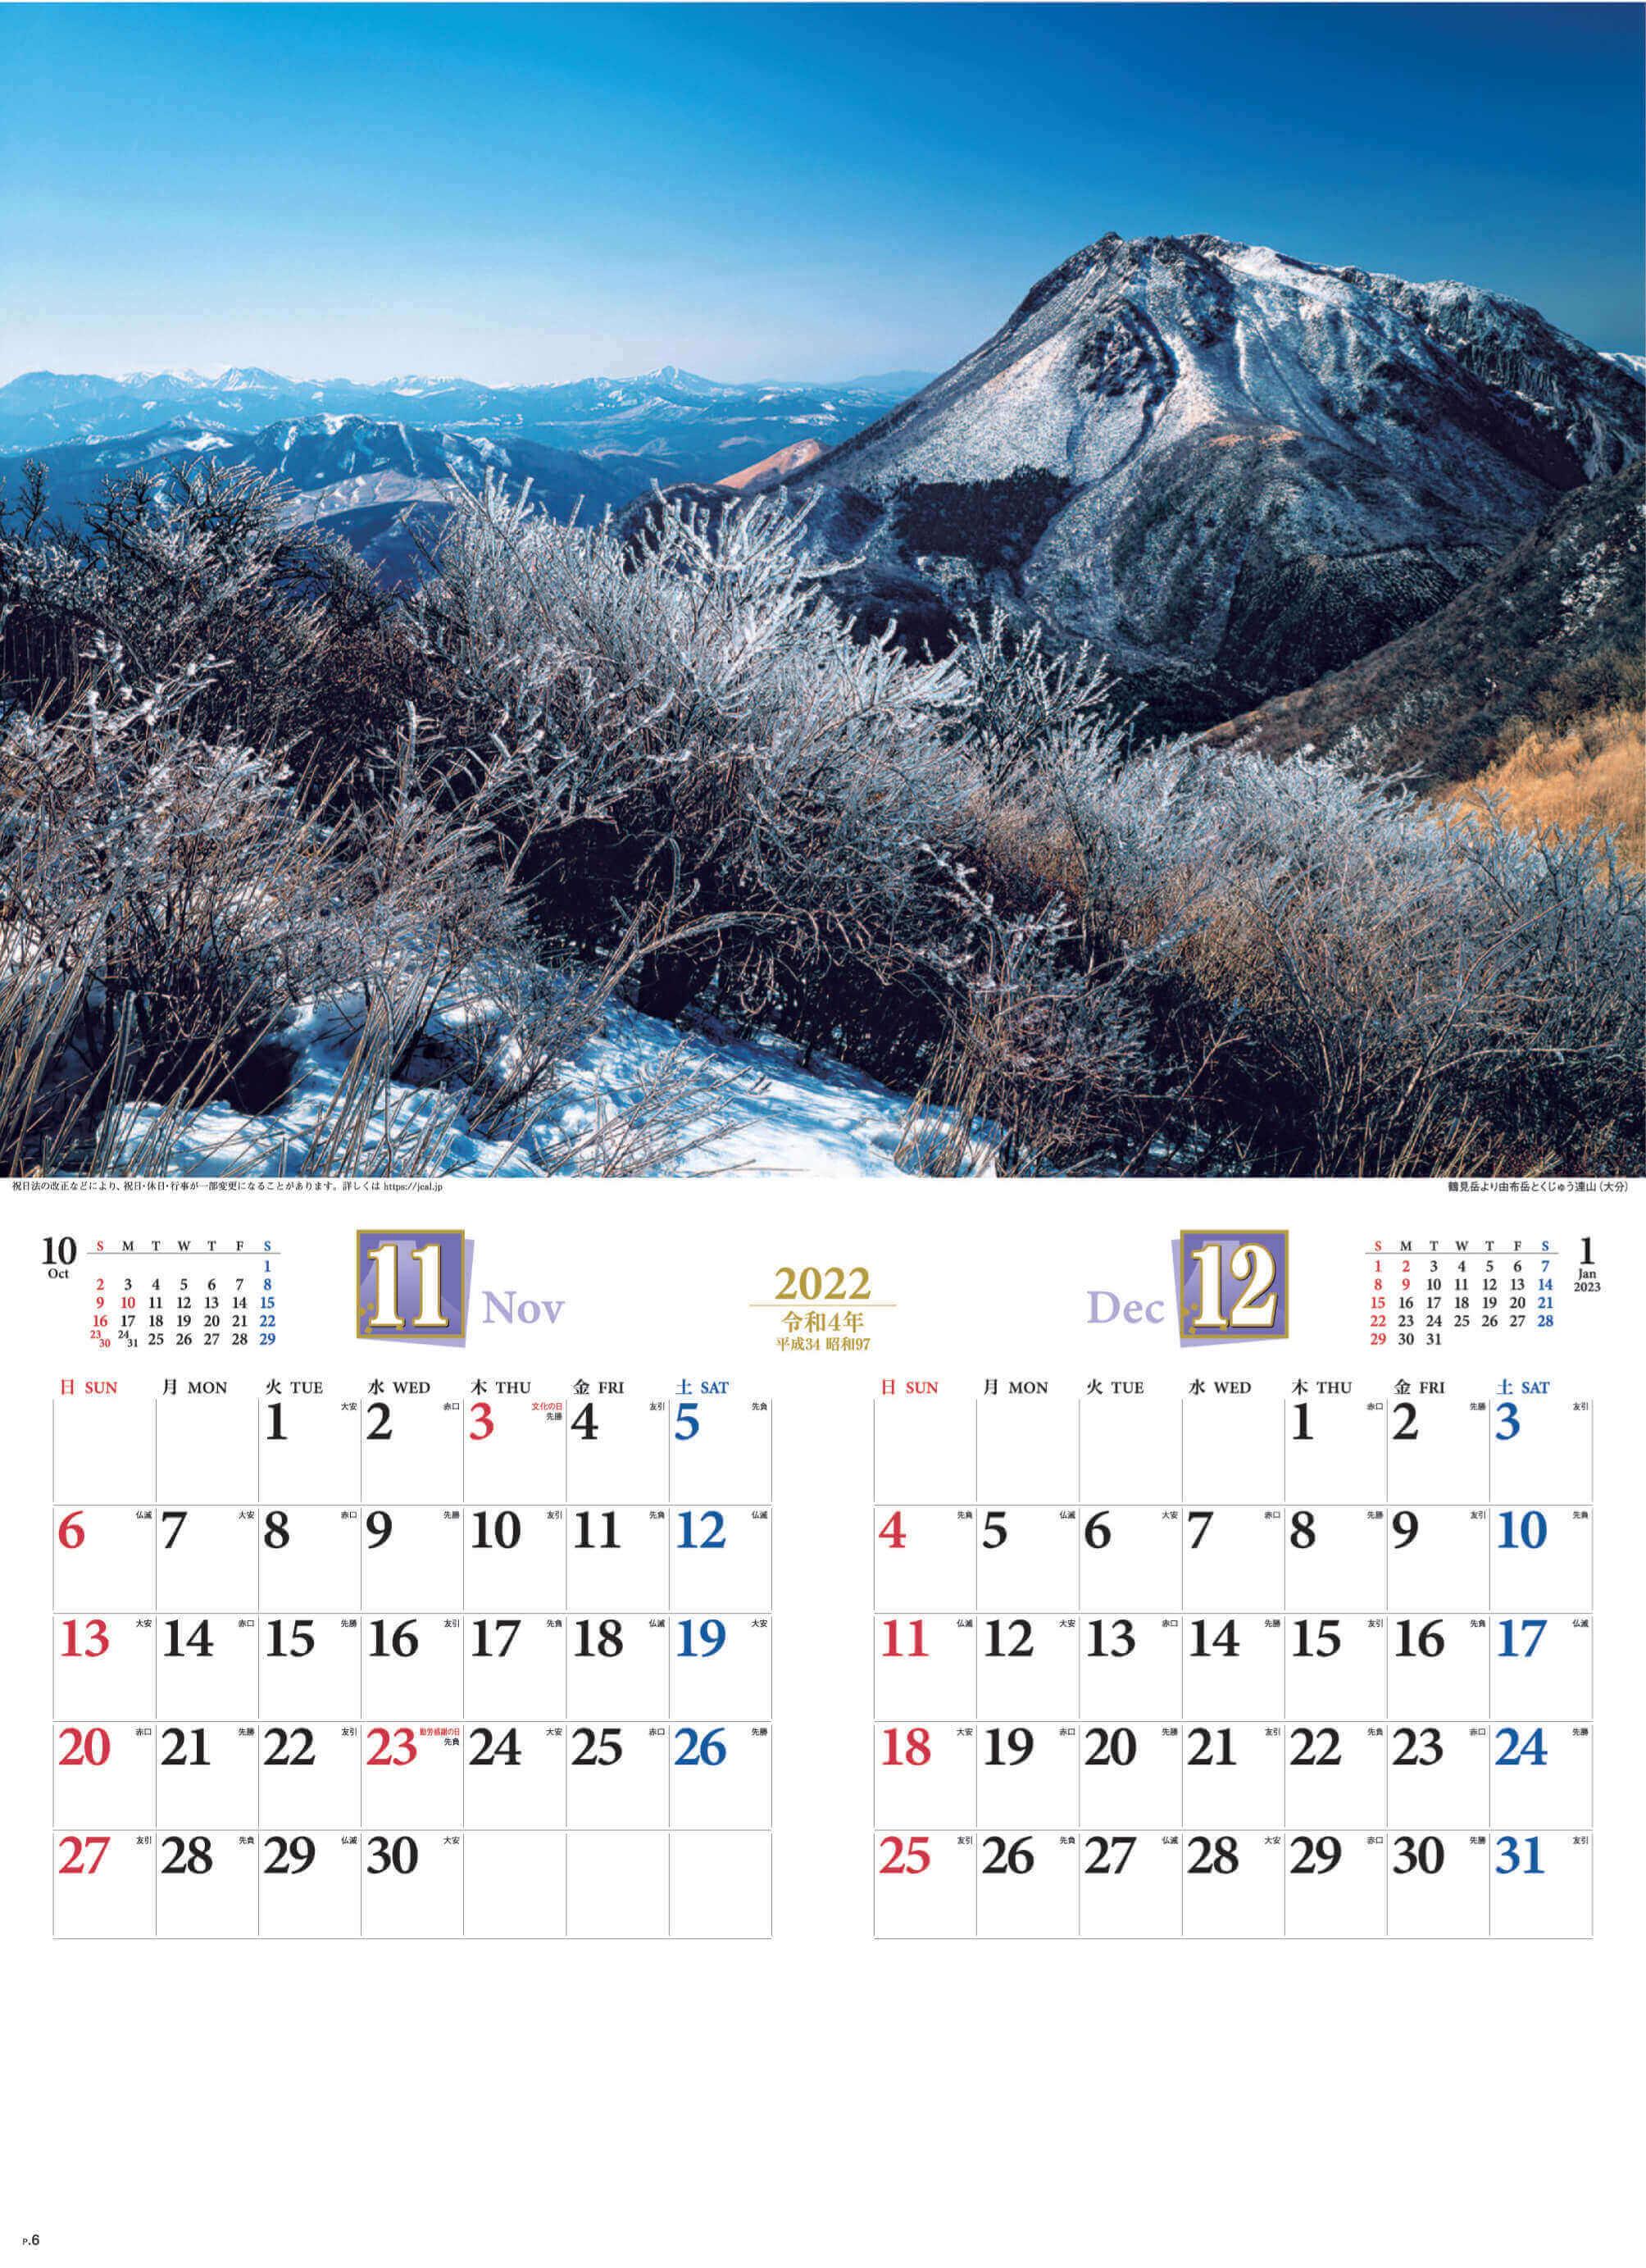 11-12月 鶴見岳より由布岳とくじゅう連山(大分) 四季彩峰 2022年カレンダーの画像